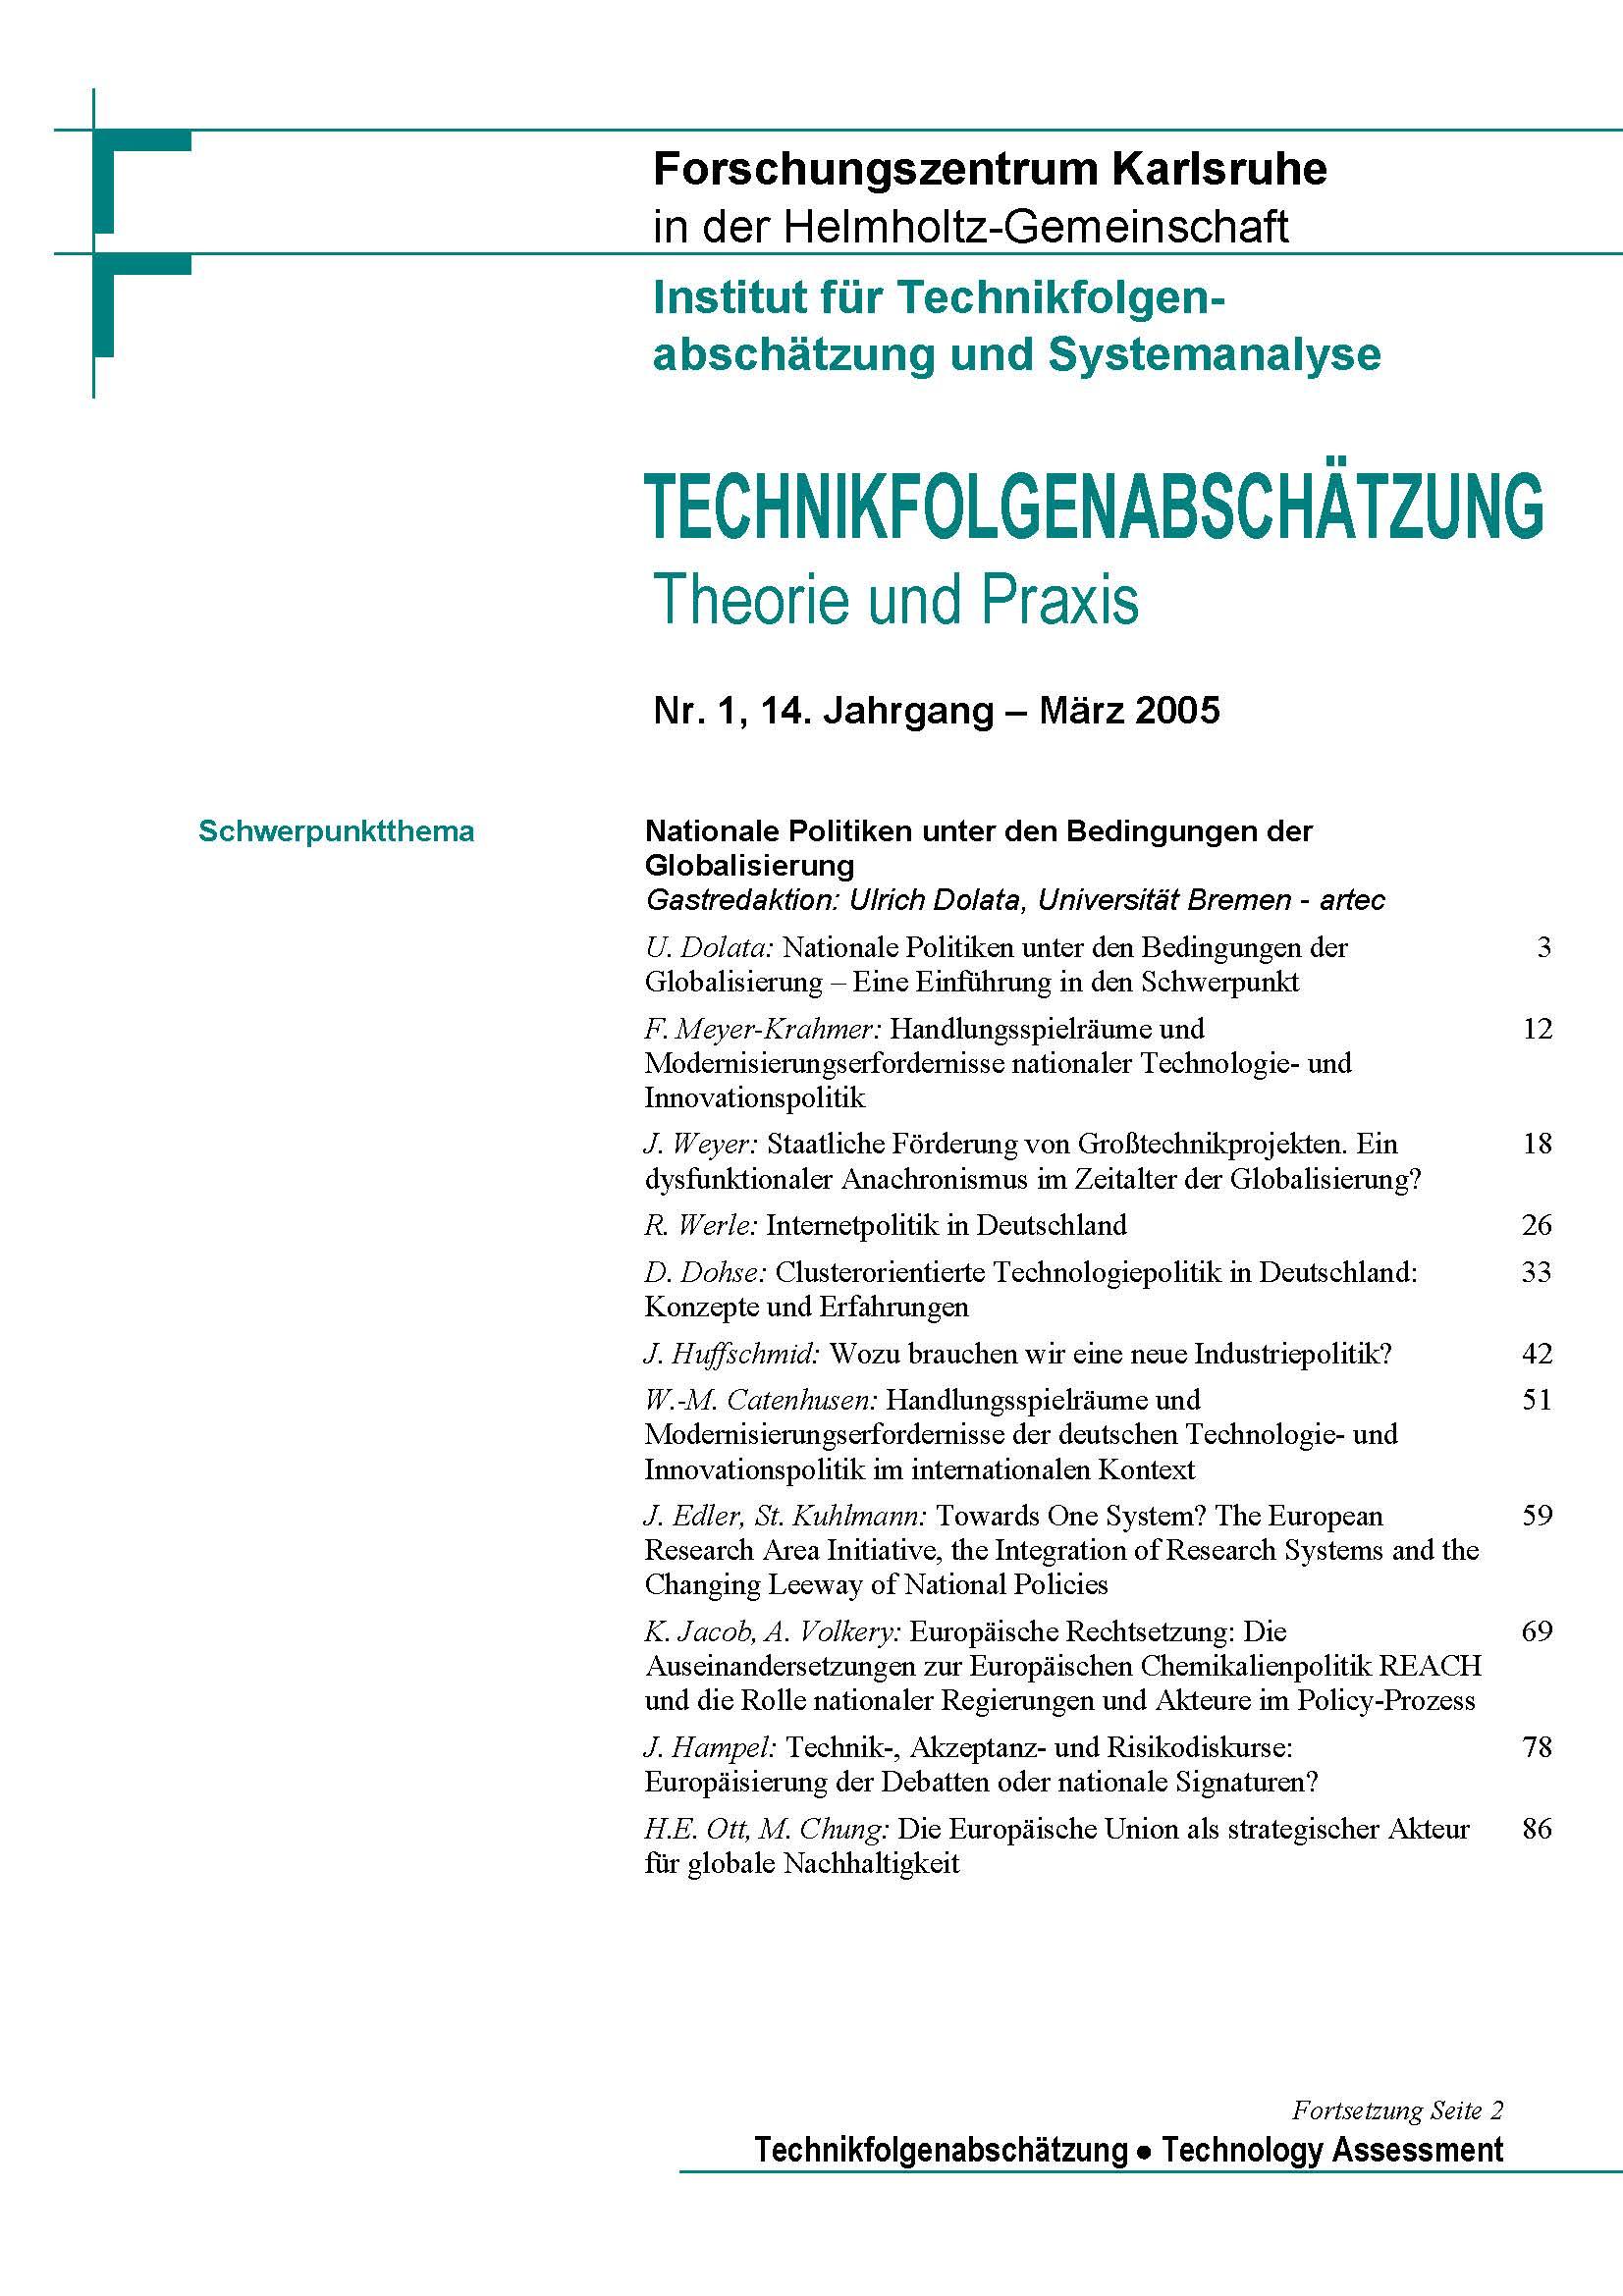 View Vol. 14 No. 1 (2005): Nationale Politiken unter den Bedingungen der Globalisierung